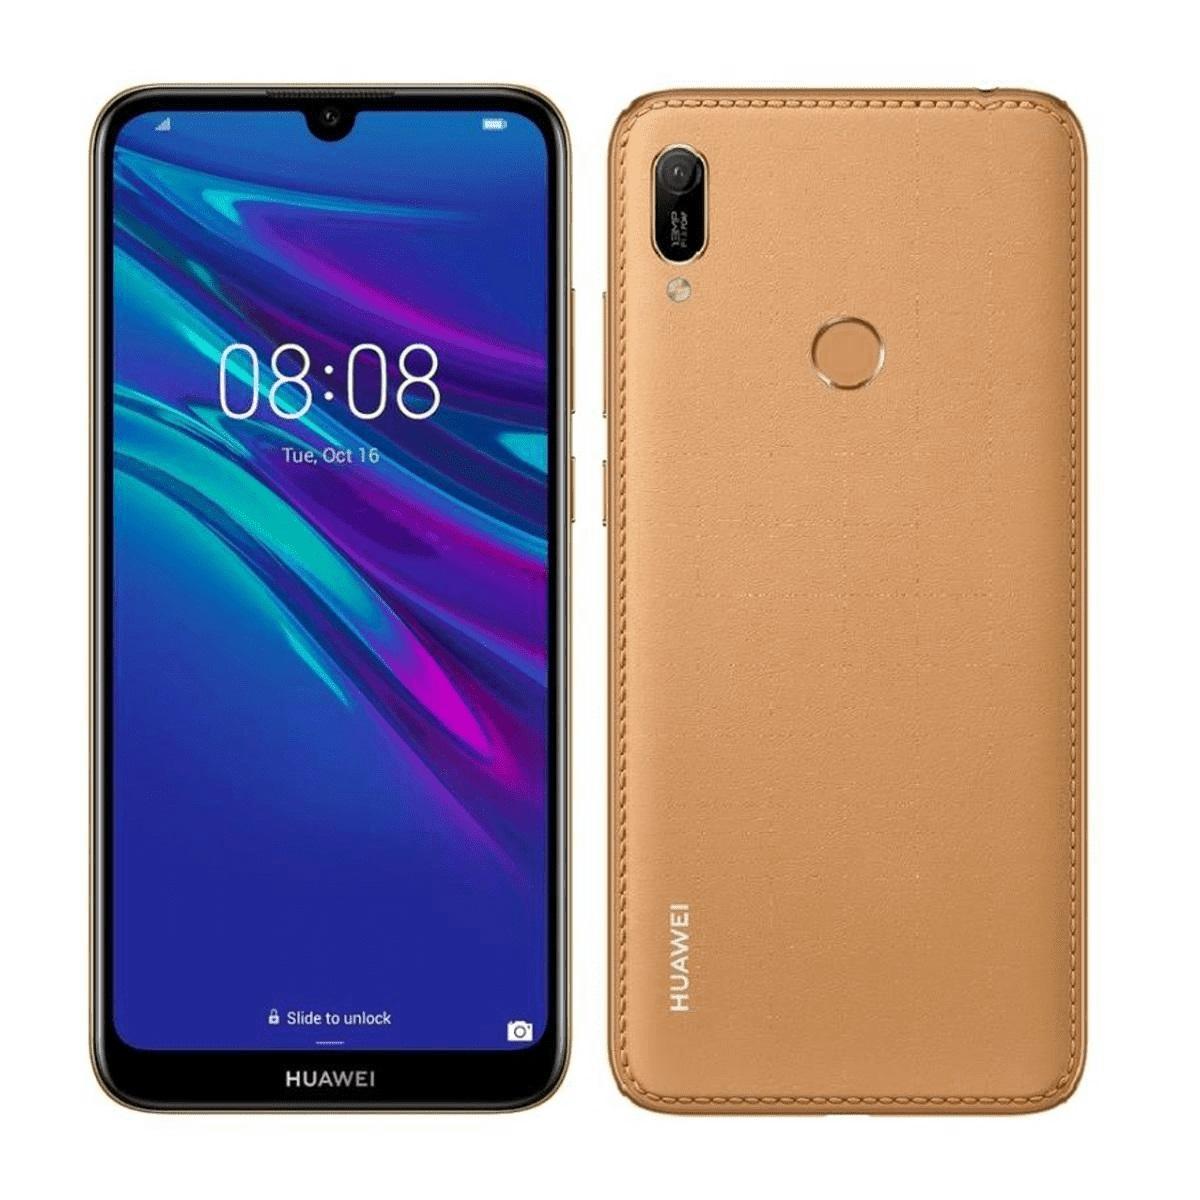 Huawei Y5 4G 32GB 2019 Amber Brown - 5.7' Screen Size, Quad Core Processor, 32GB Memory exp to 512GB Via MicroSD Card, Dual Sim, 3020 mAh Battery